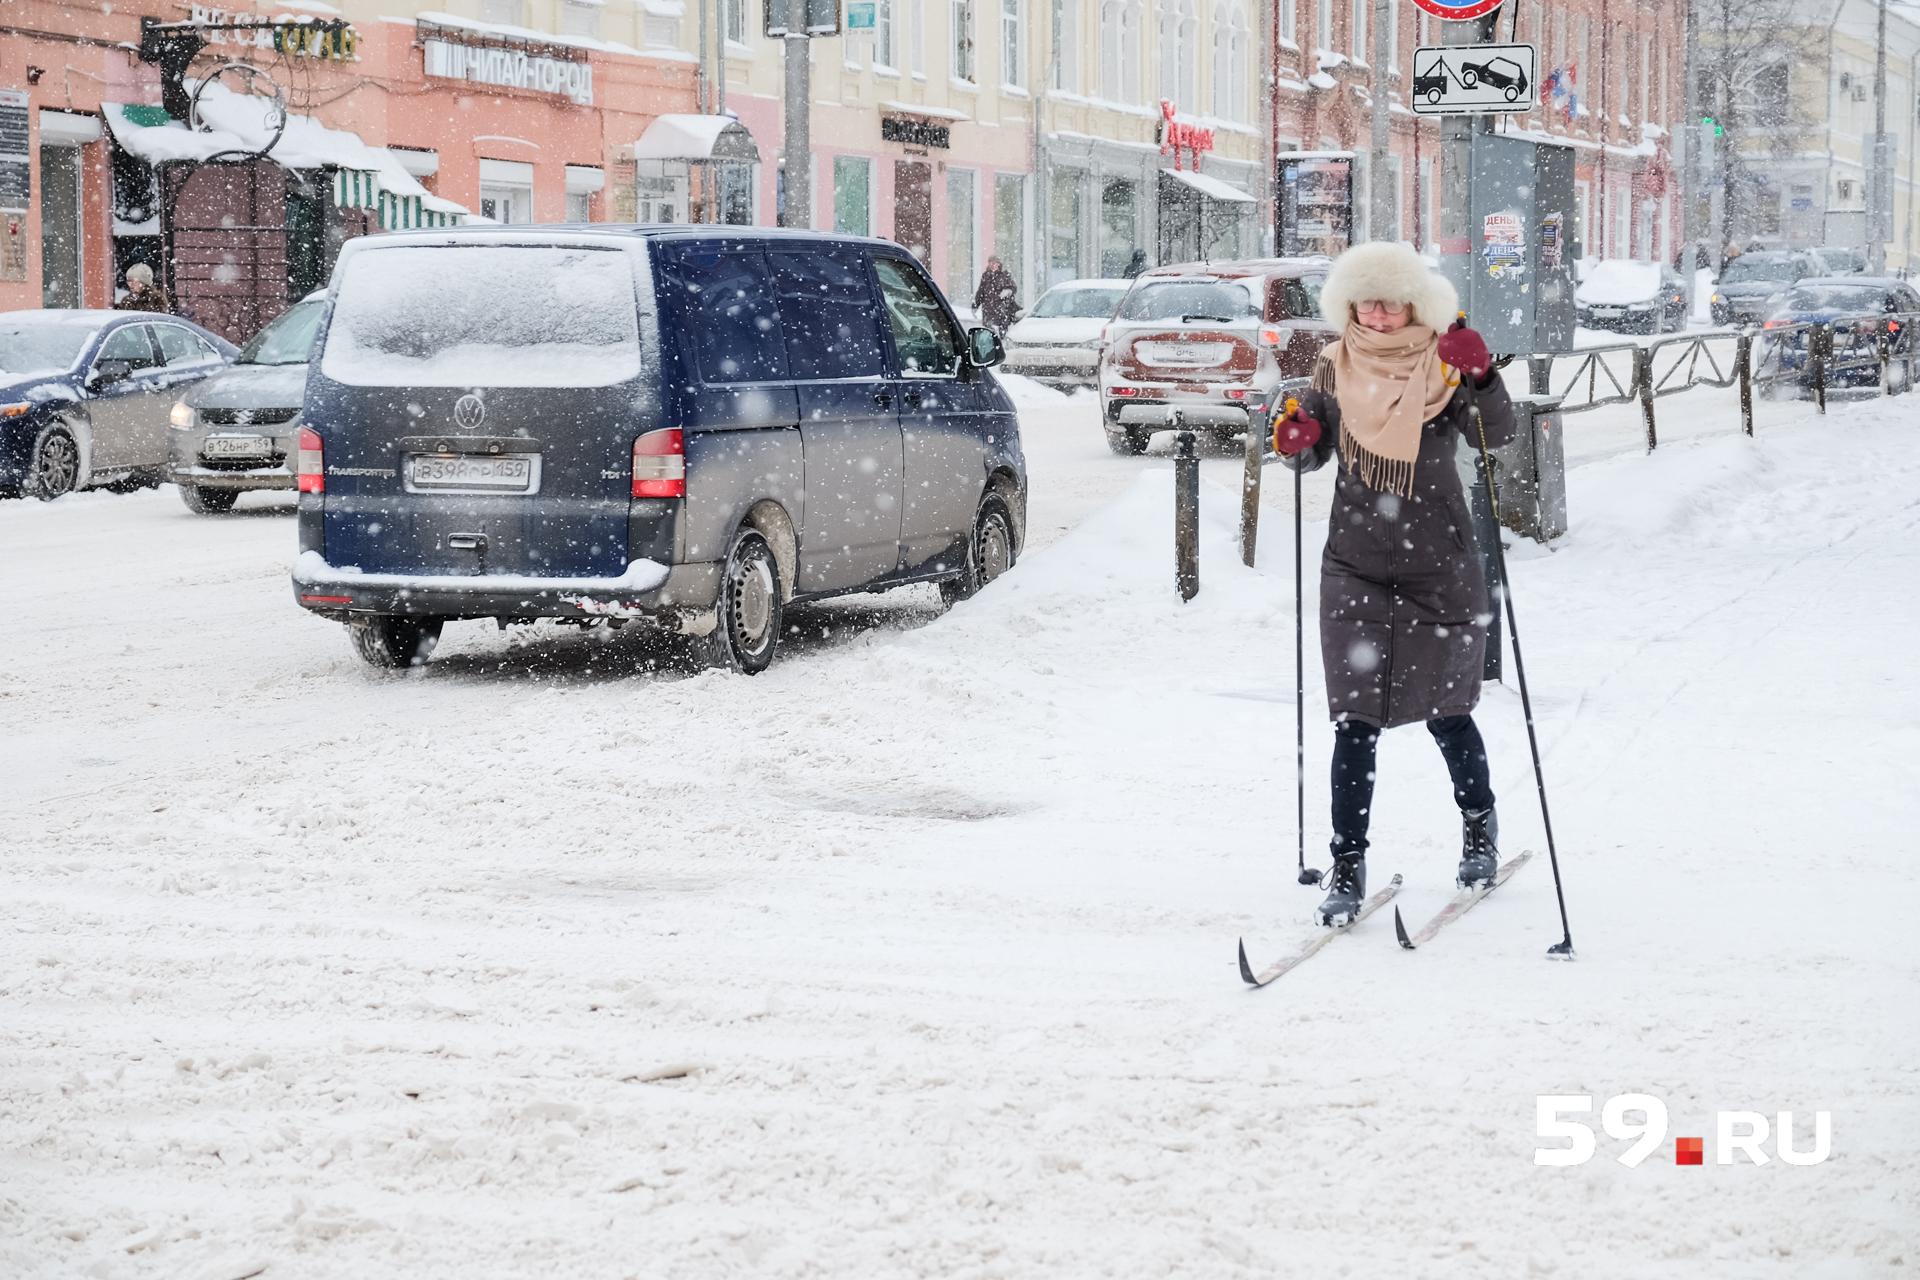 Лыжник тоже пешеход – должен соблюдать ПДД и идти только на зеленый сигнал светофора